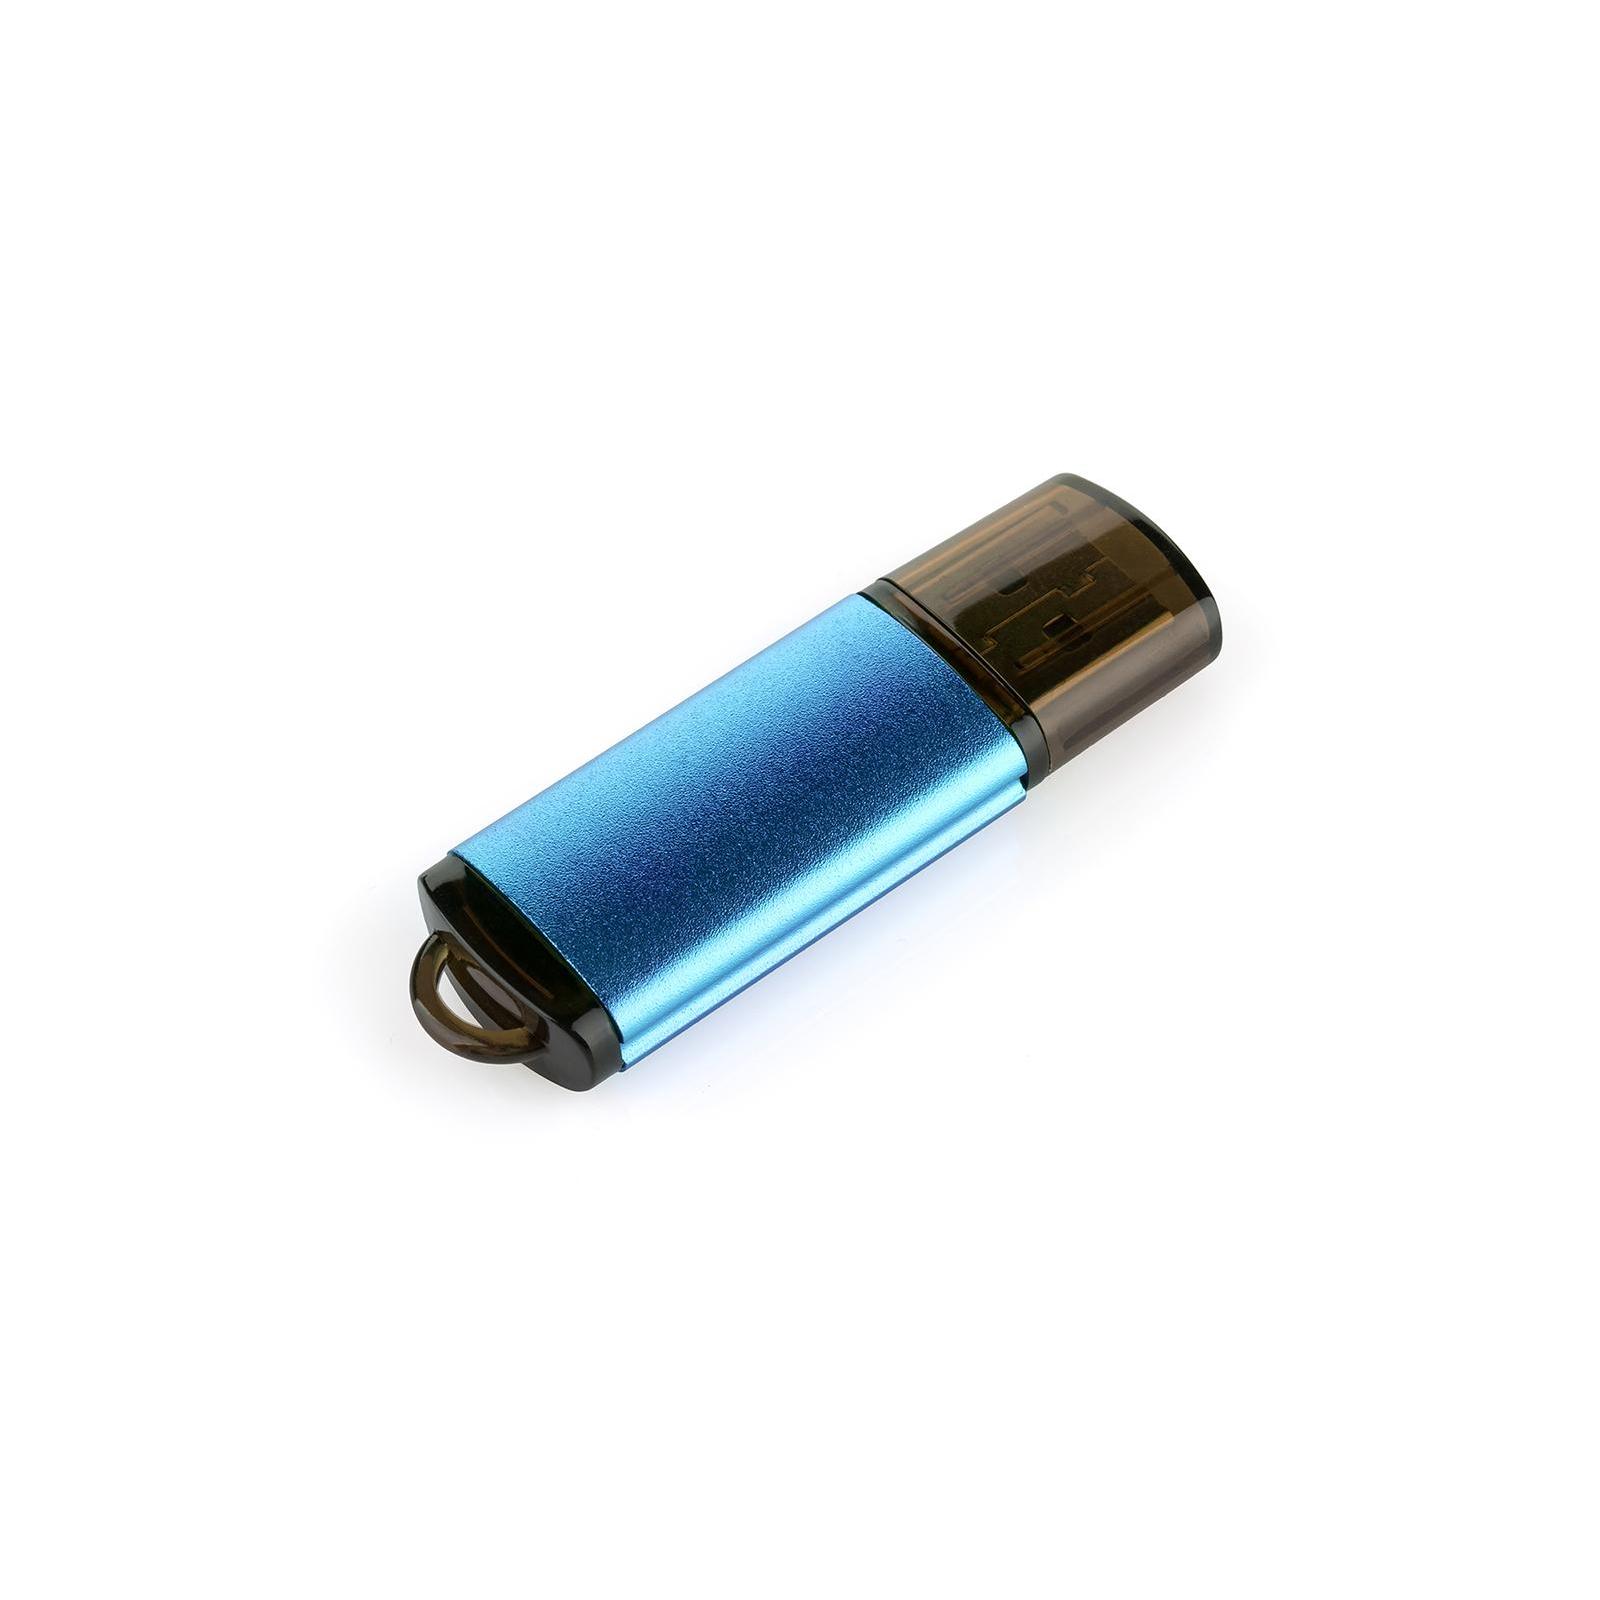 USB флеш накопитель eXceleram 128GB A3 Series Green USB 3.1 Gen 1 (EXA3U3GR128) изображение 2